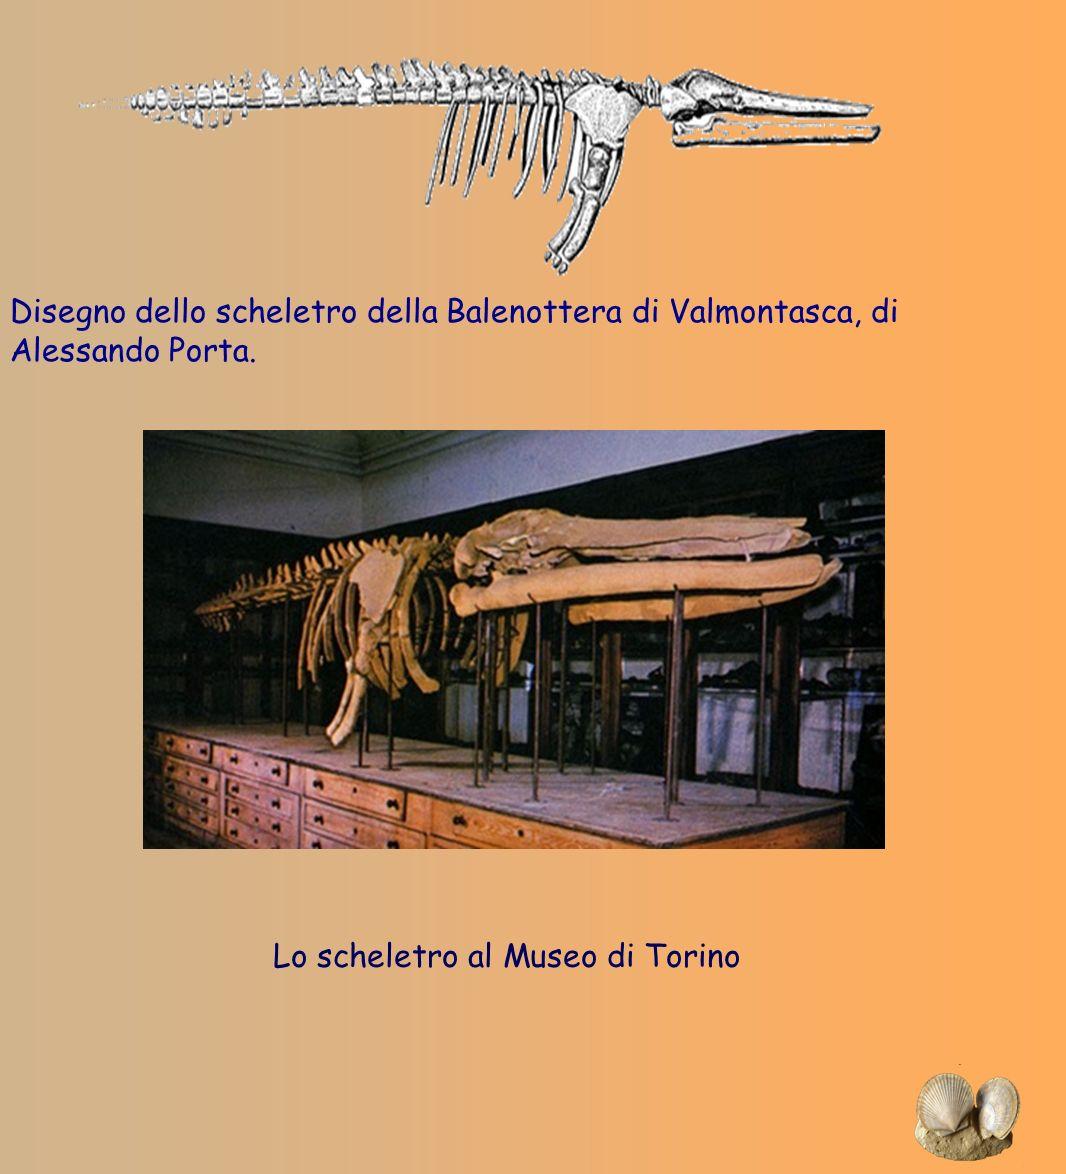 Disegno dello scheletro della Balenottera di Valmontasca, di Alessando Porta.